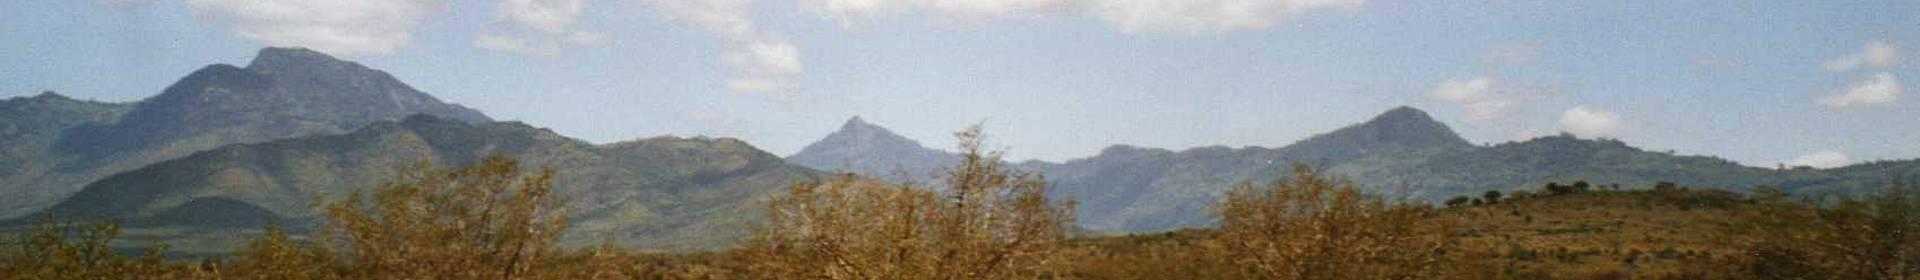 Monts Taita